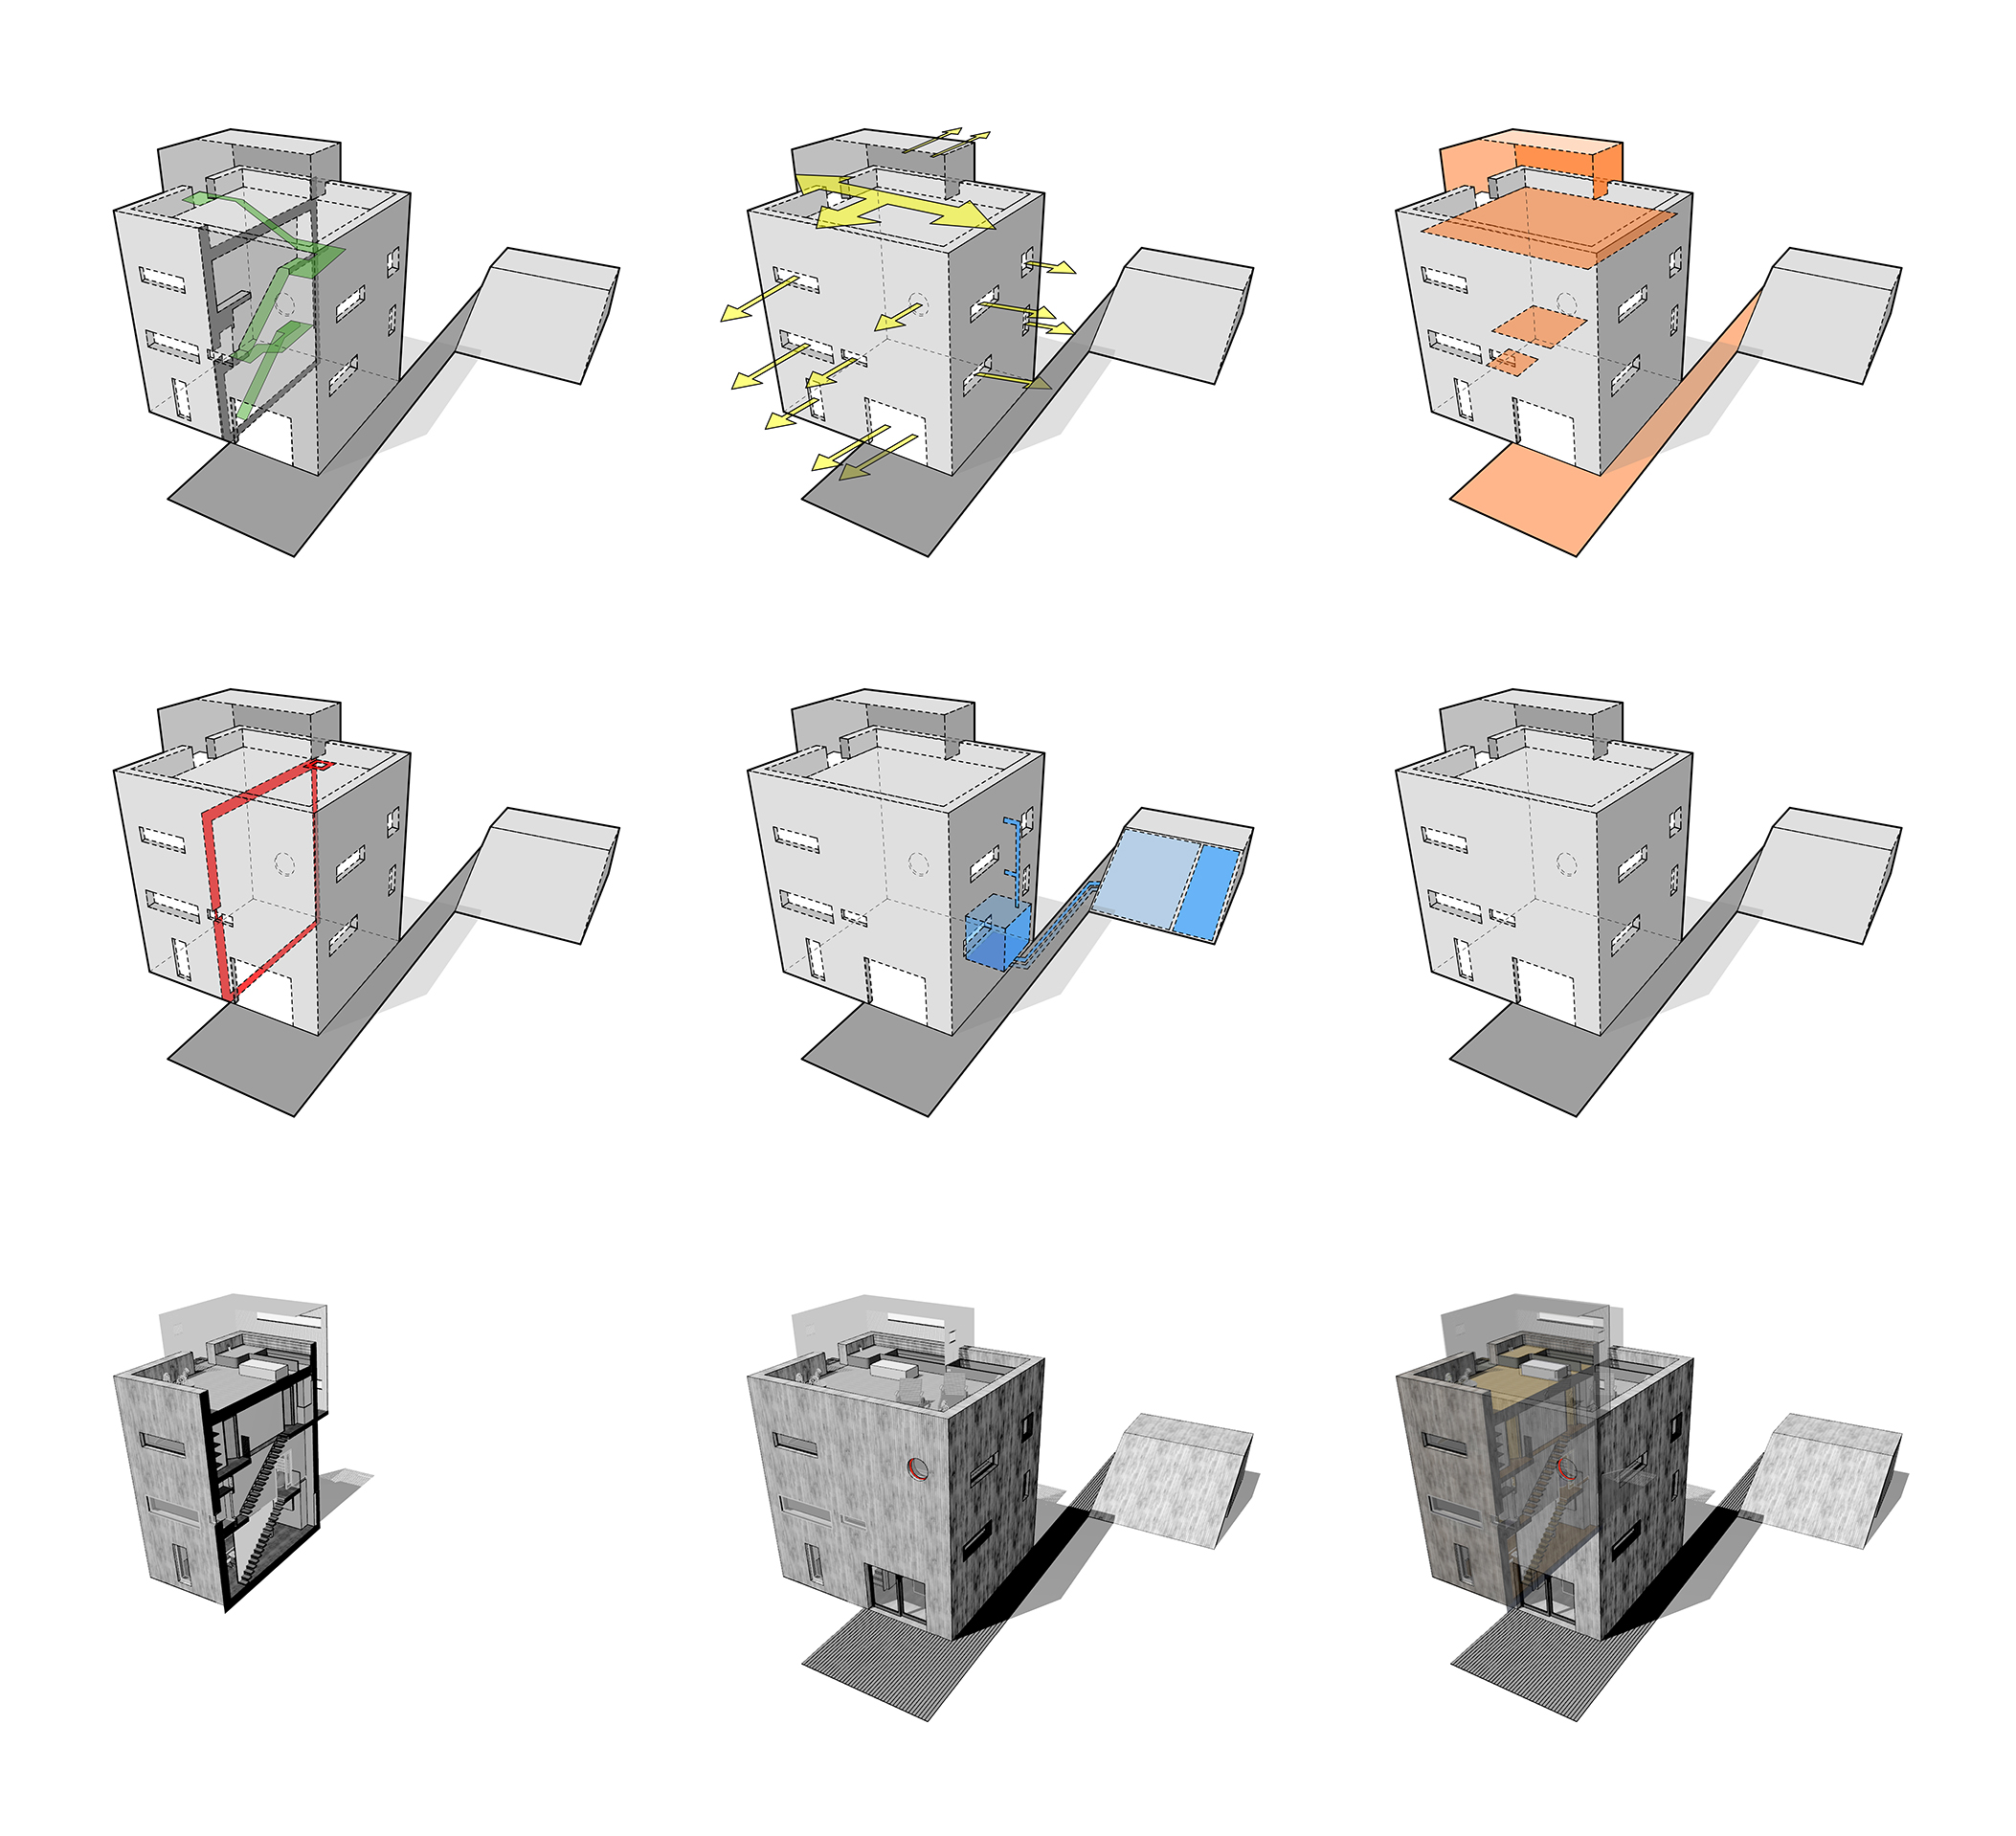 Passivhaus diagrams